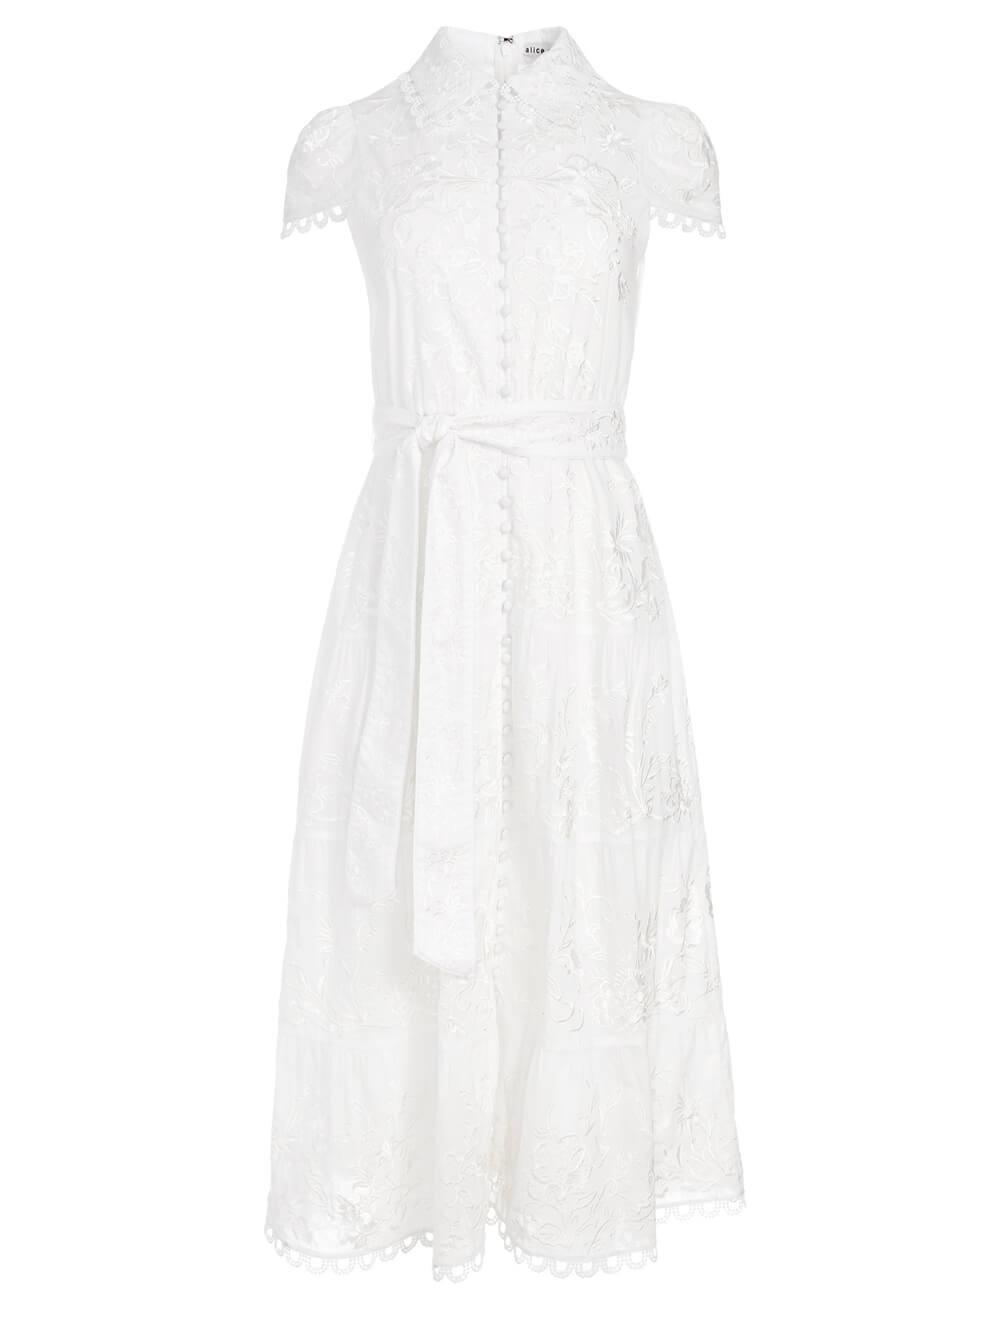 Vanessa Midi Dress Item # CC103D20530